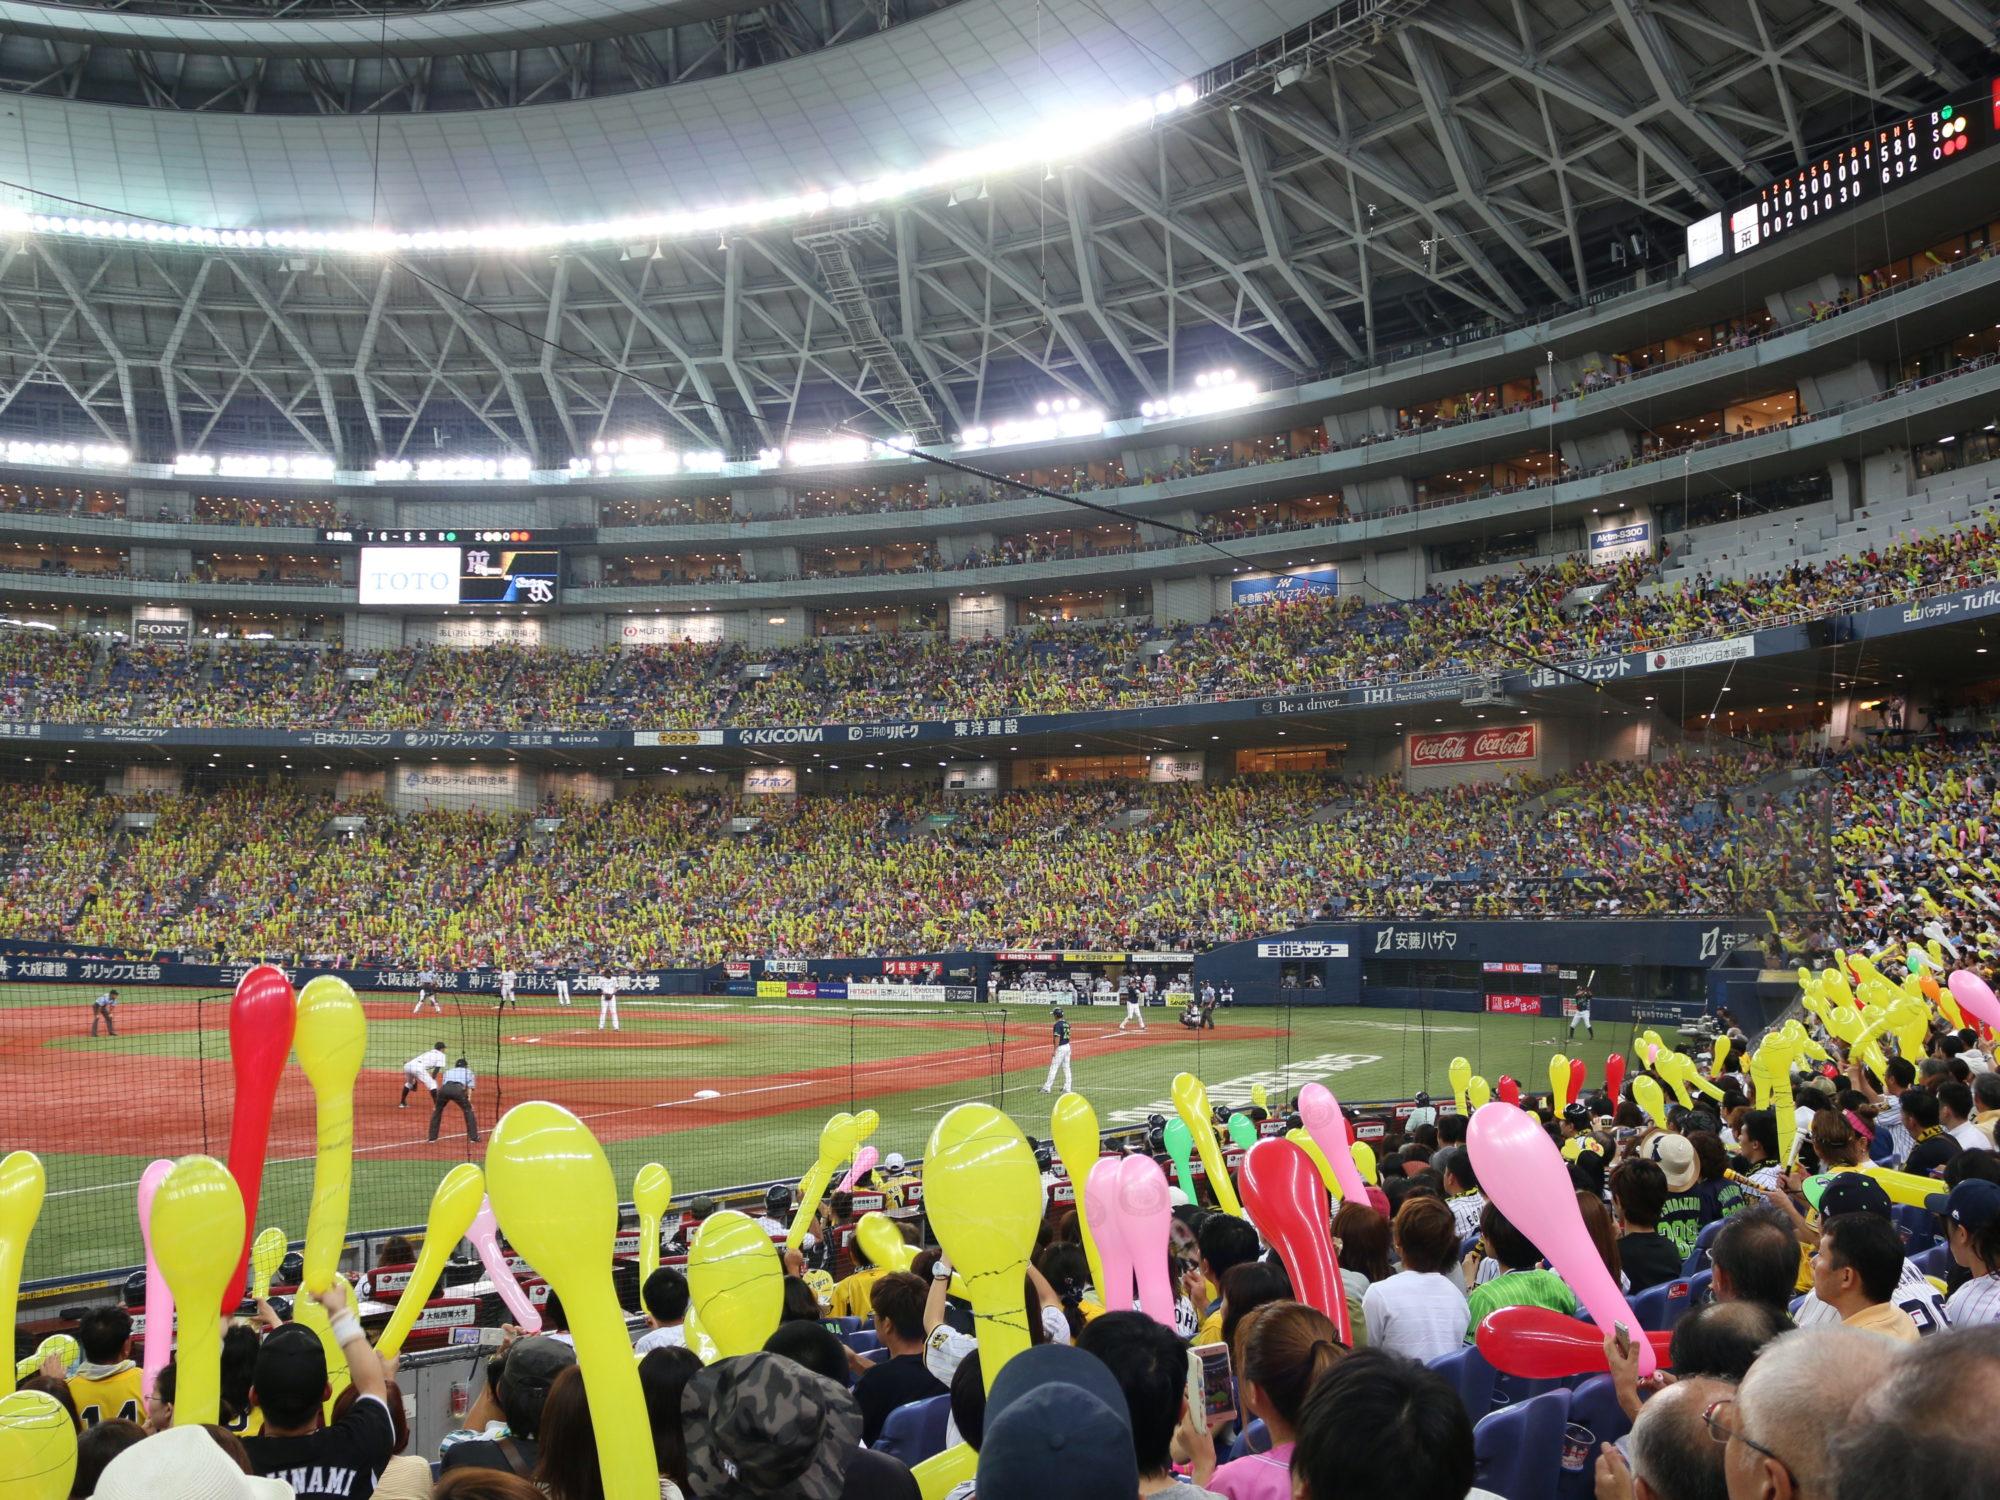 阪神戦を甲子園球場、京セラドーム、名古屋ドームで楽しむ[まとめ]〜内野席からの眺め〜